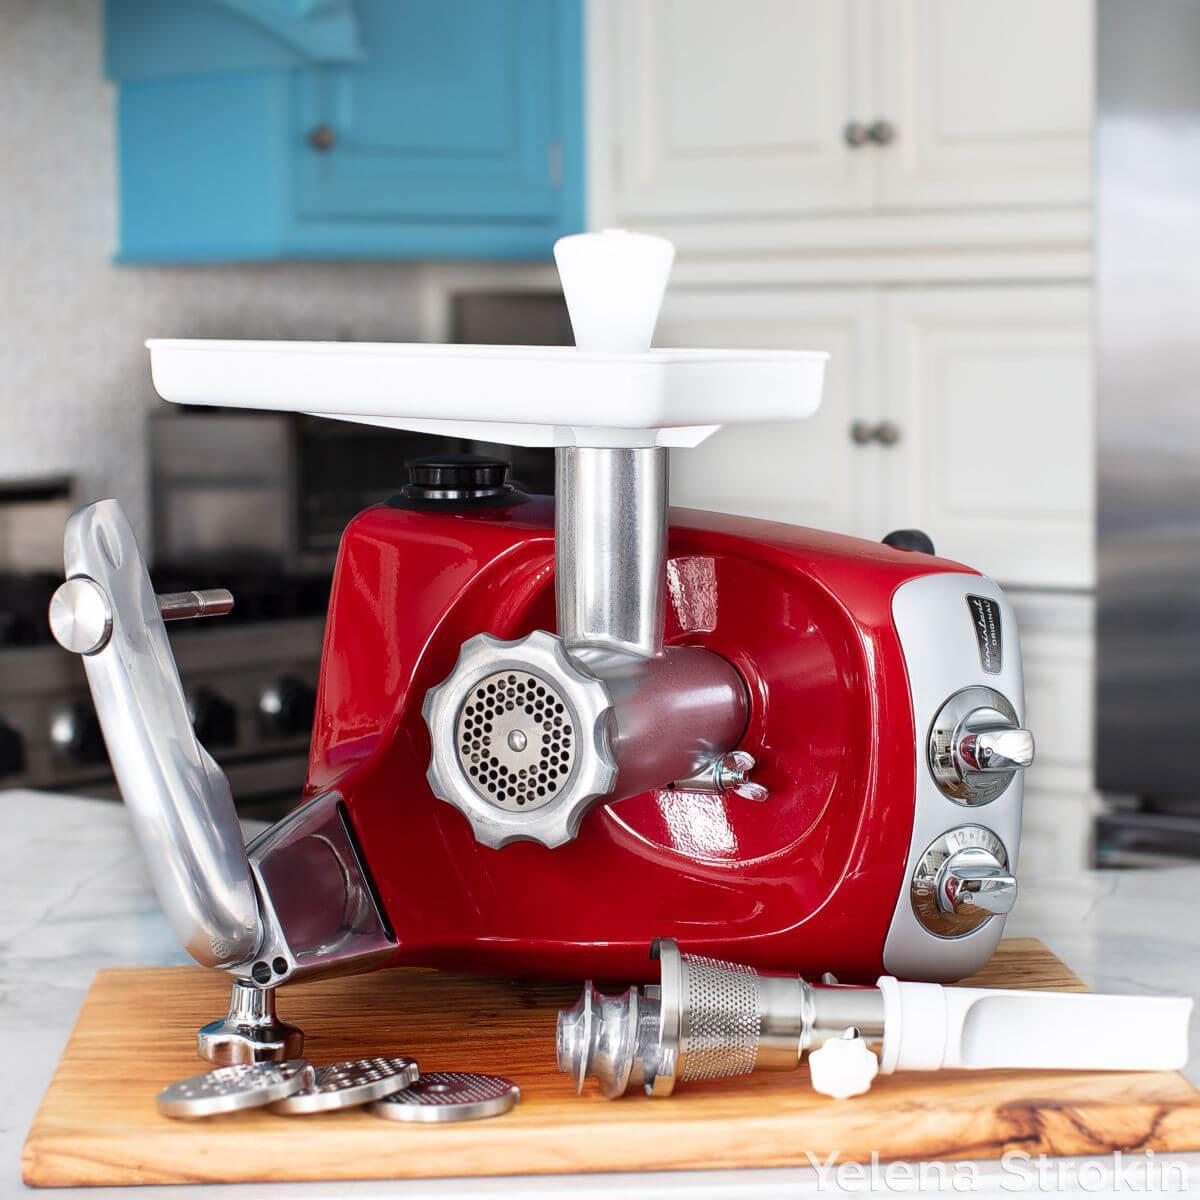 mixer-meat-grinder